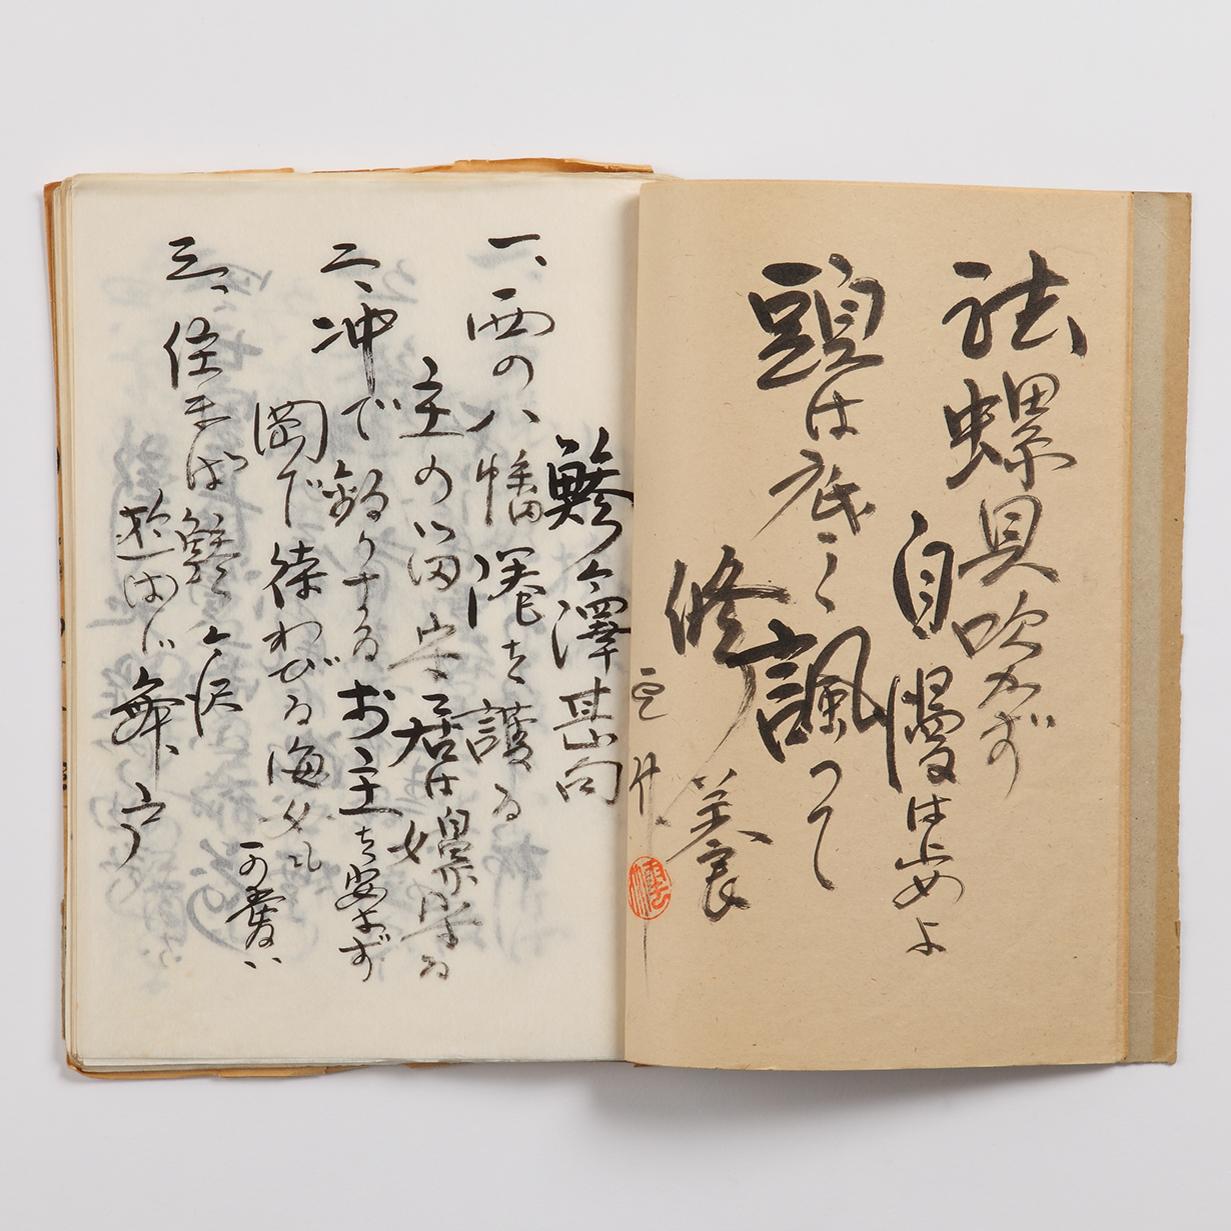 成田雲竹監修『青森県民謡集』